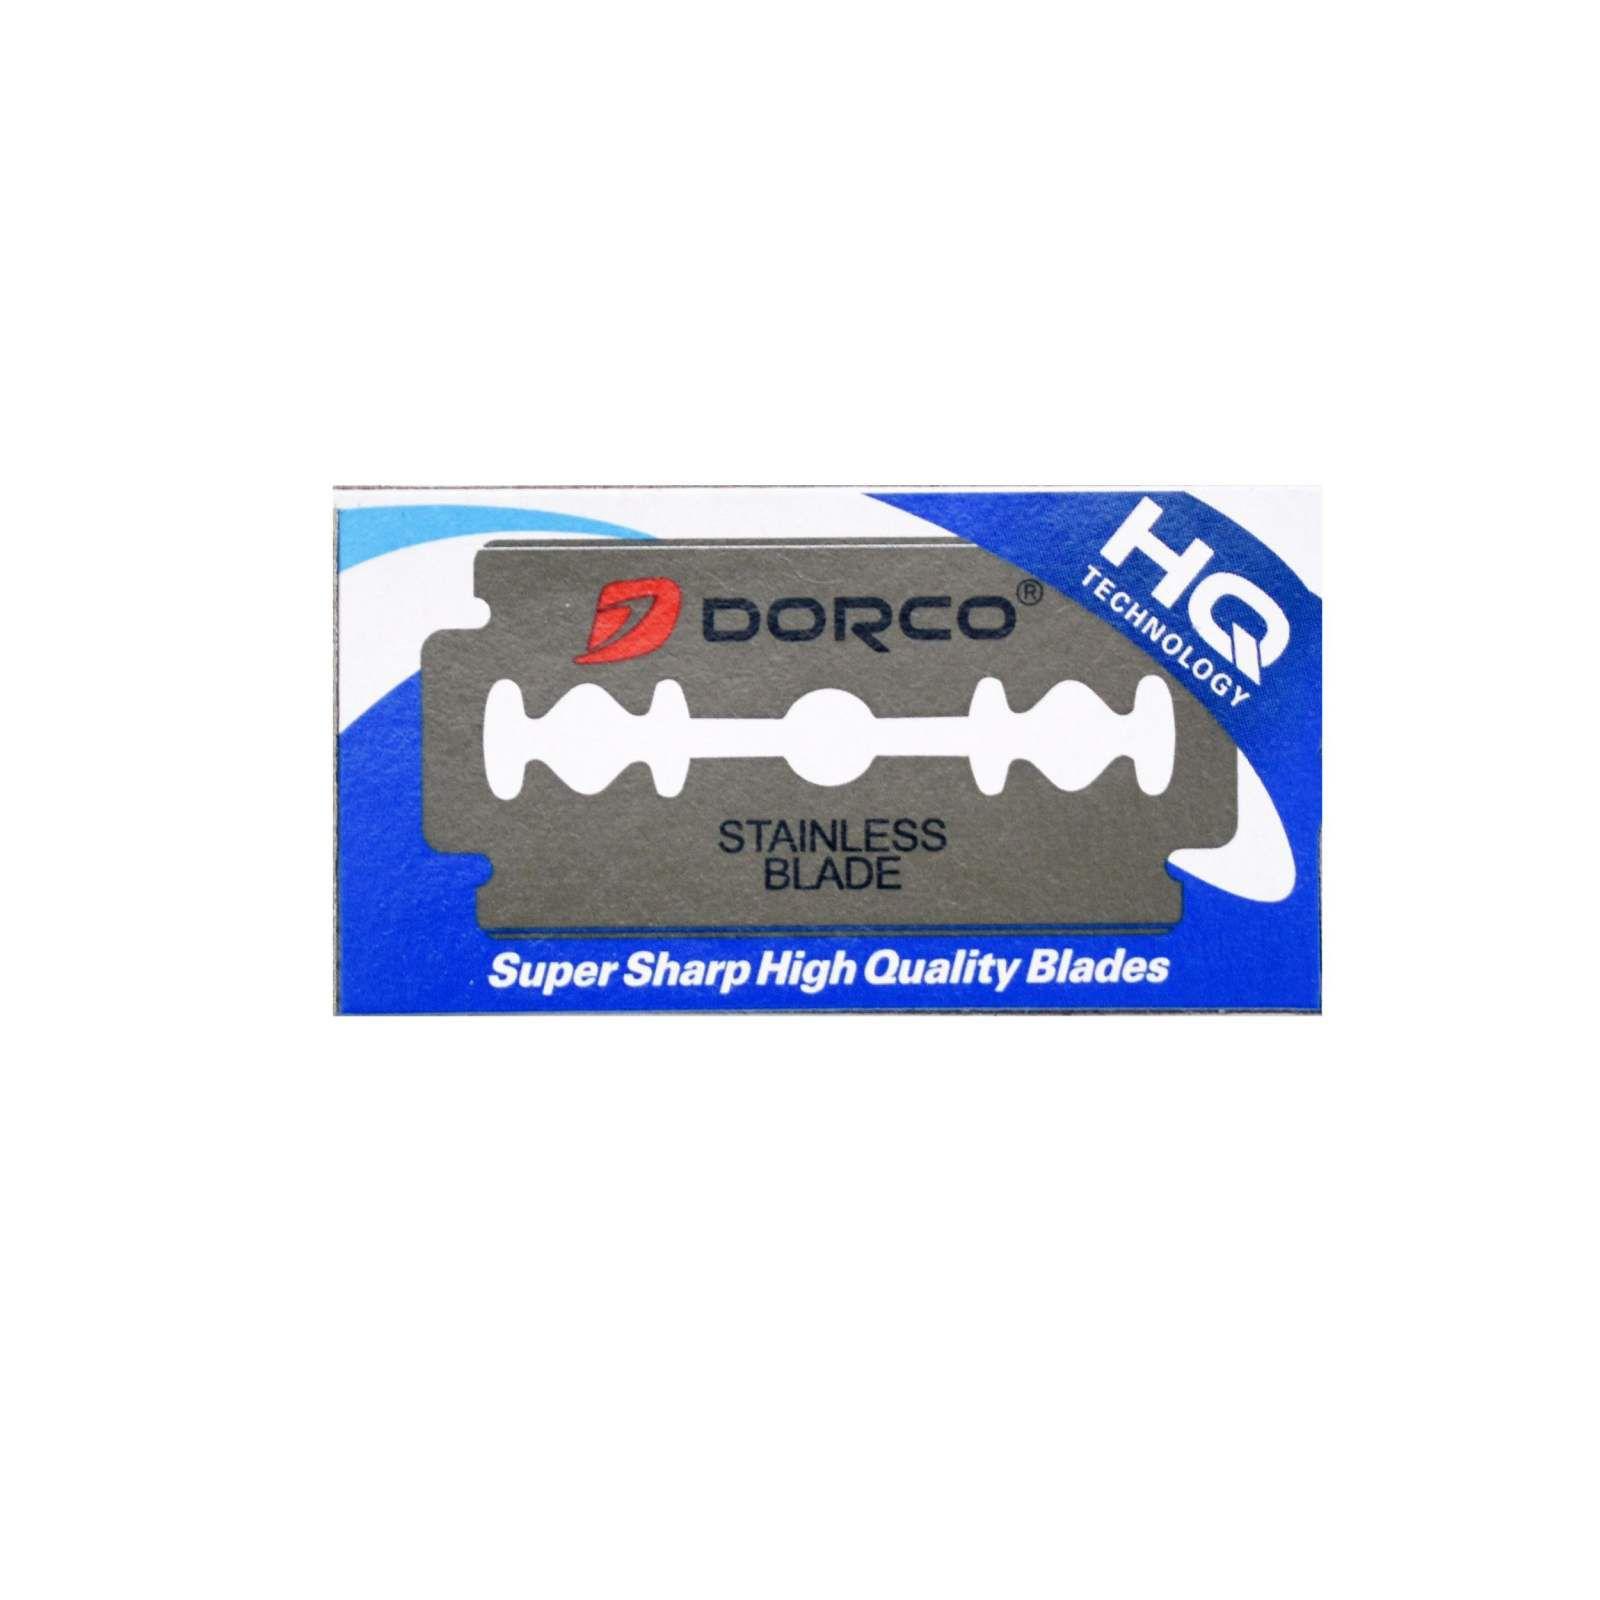 تیغ یدک دورکو مدل HQ-22 مجموعه 5 عددی -  - 3